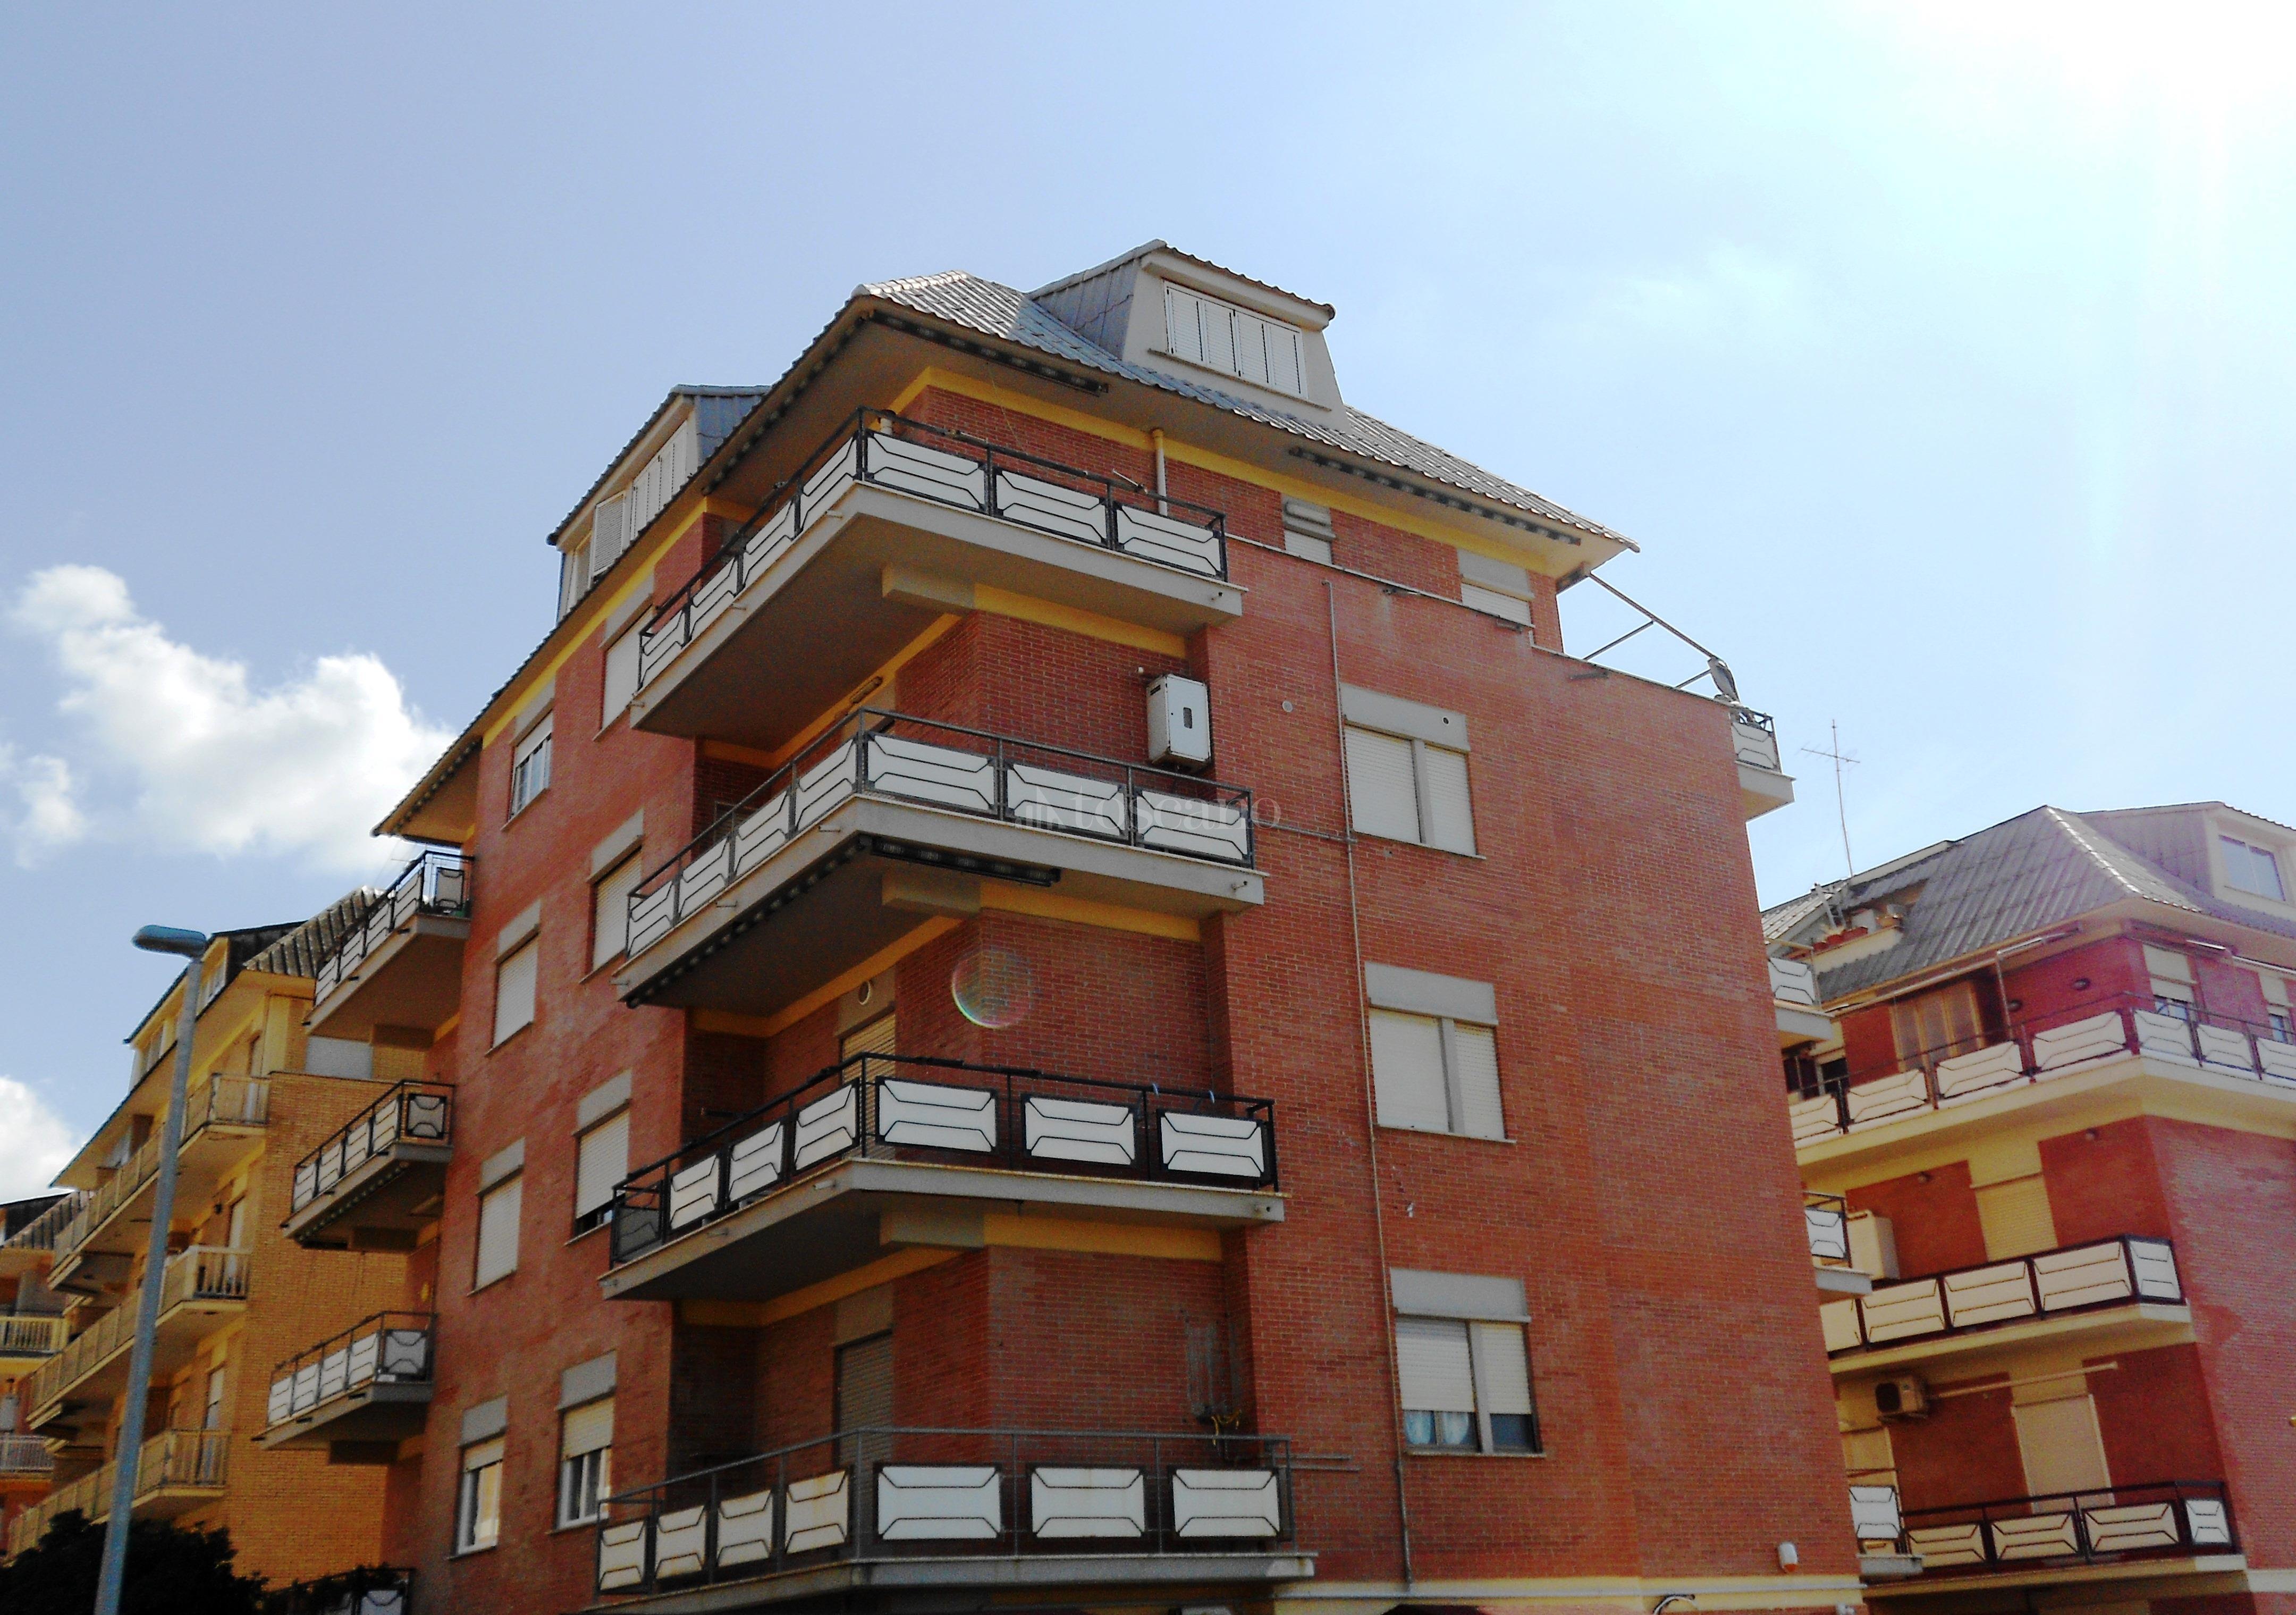 Vendita casa a roma in lungomare duca degli abruzzi ostia for Casa a roma vendita